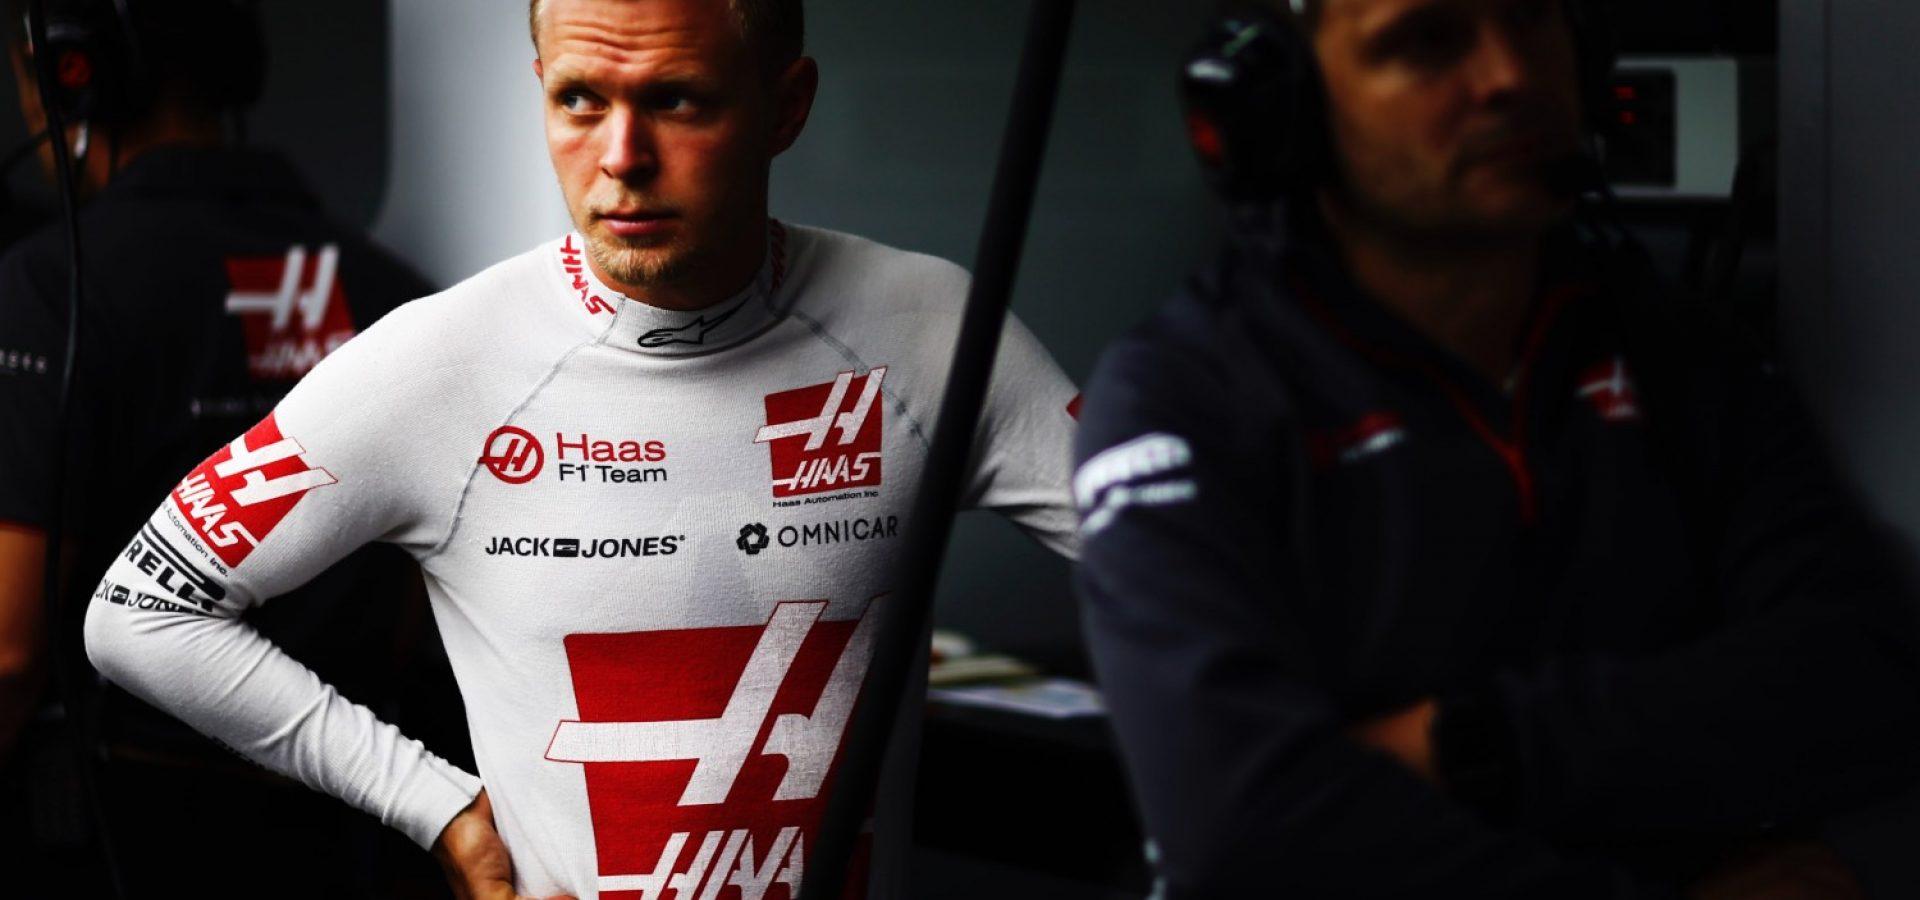 Fotó: Haas